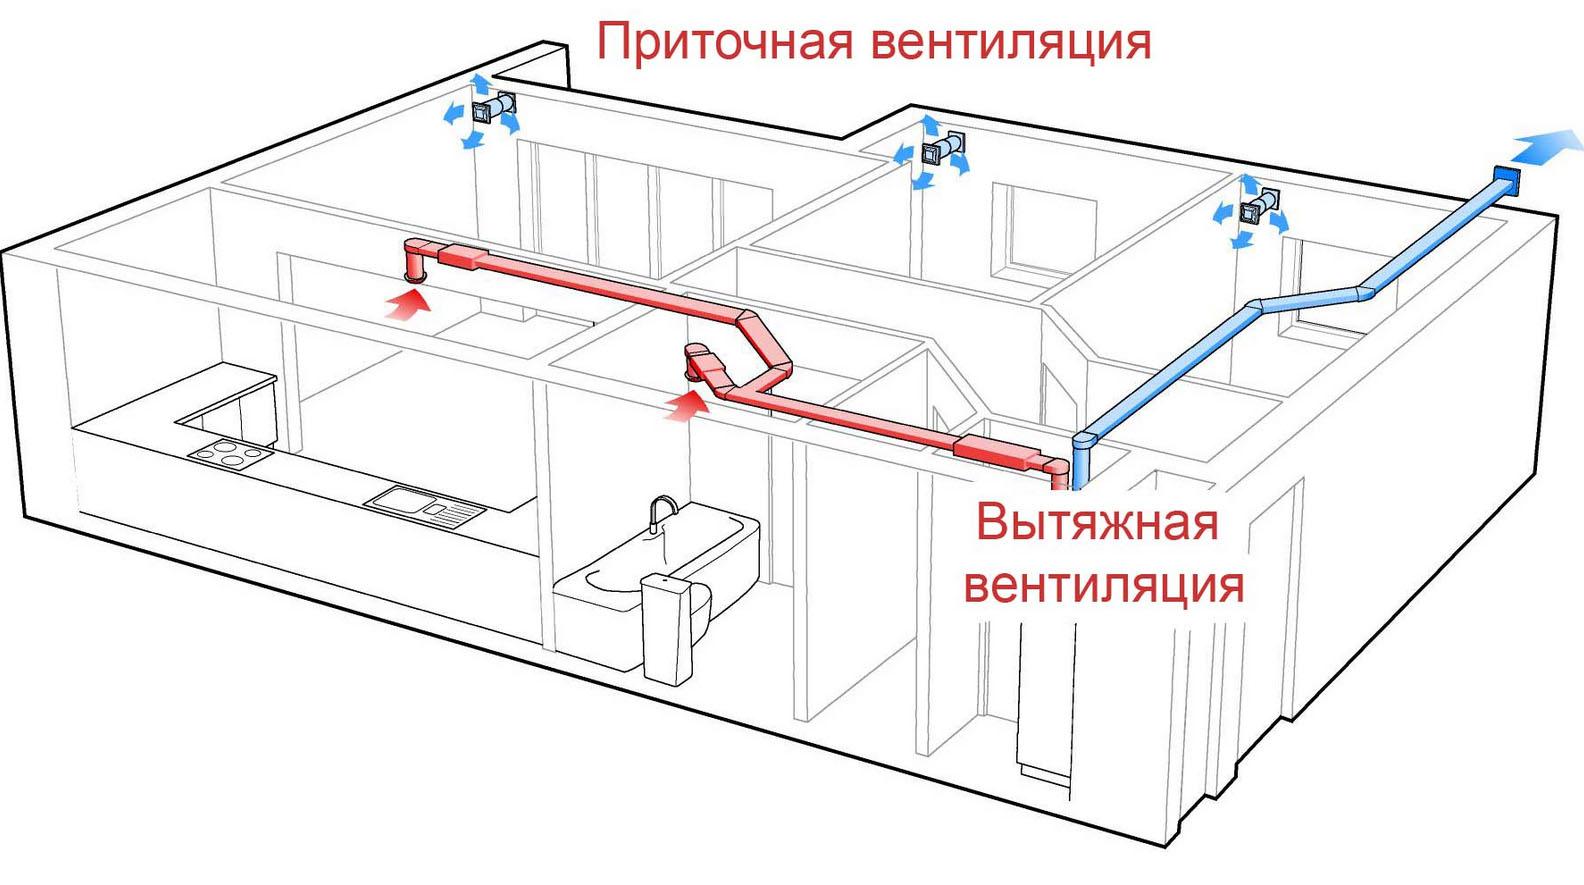 Как сделать приточно-вытяжную вентиляцию в квартире